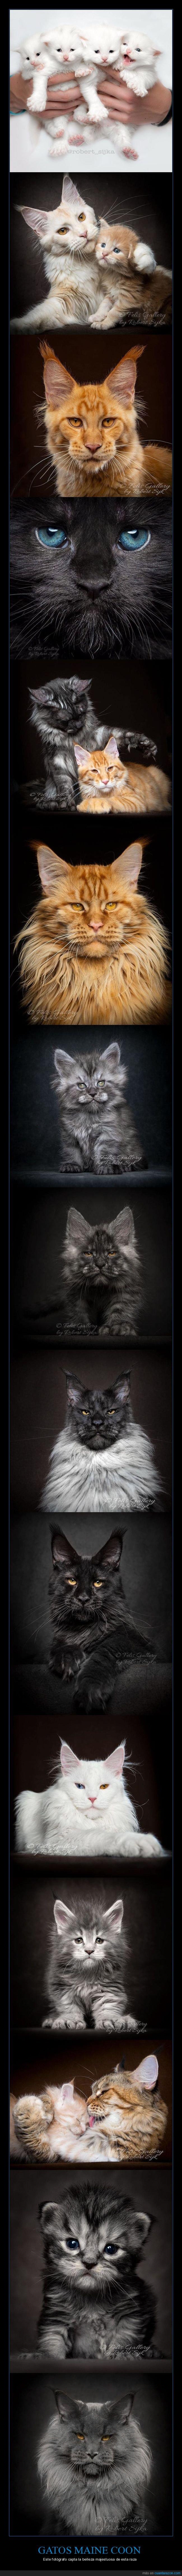 fotografía,gatos,maine coon